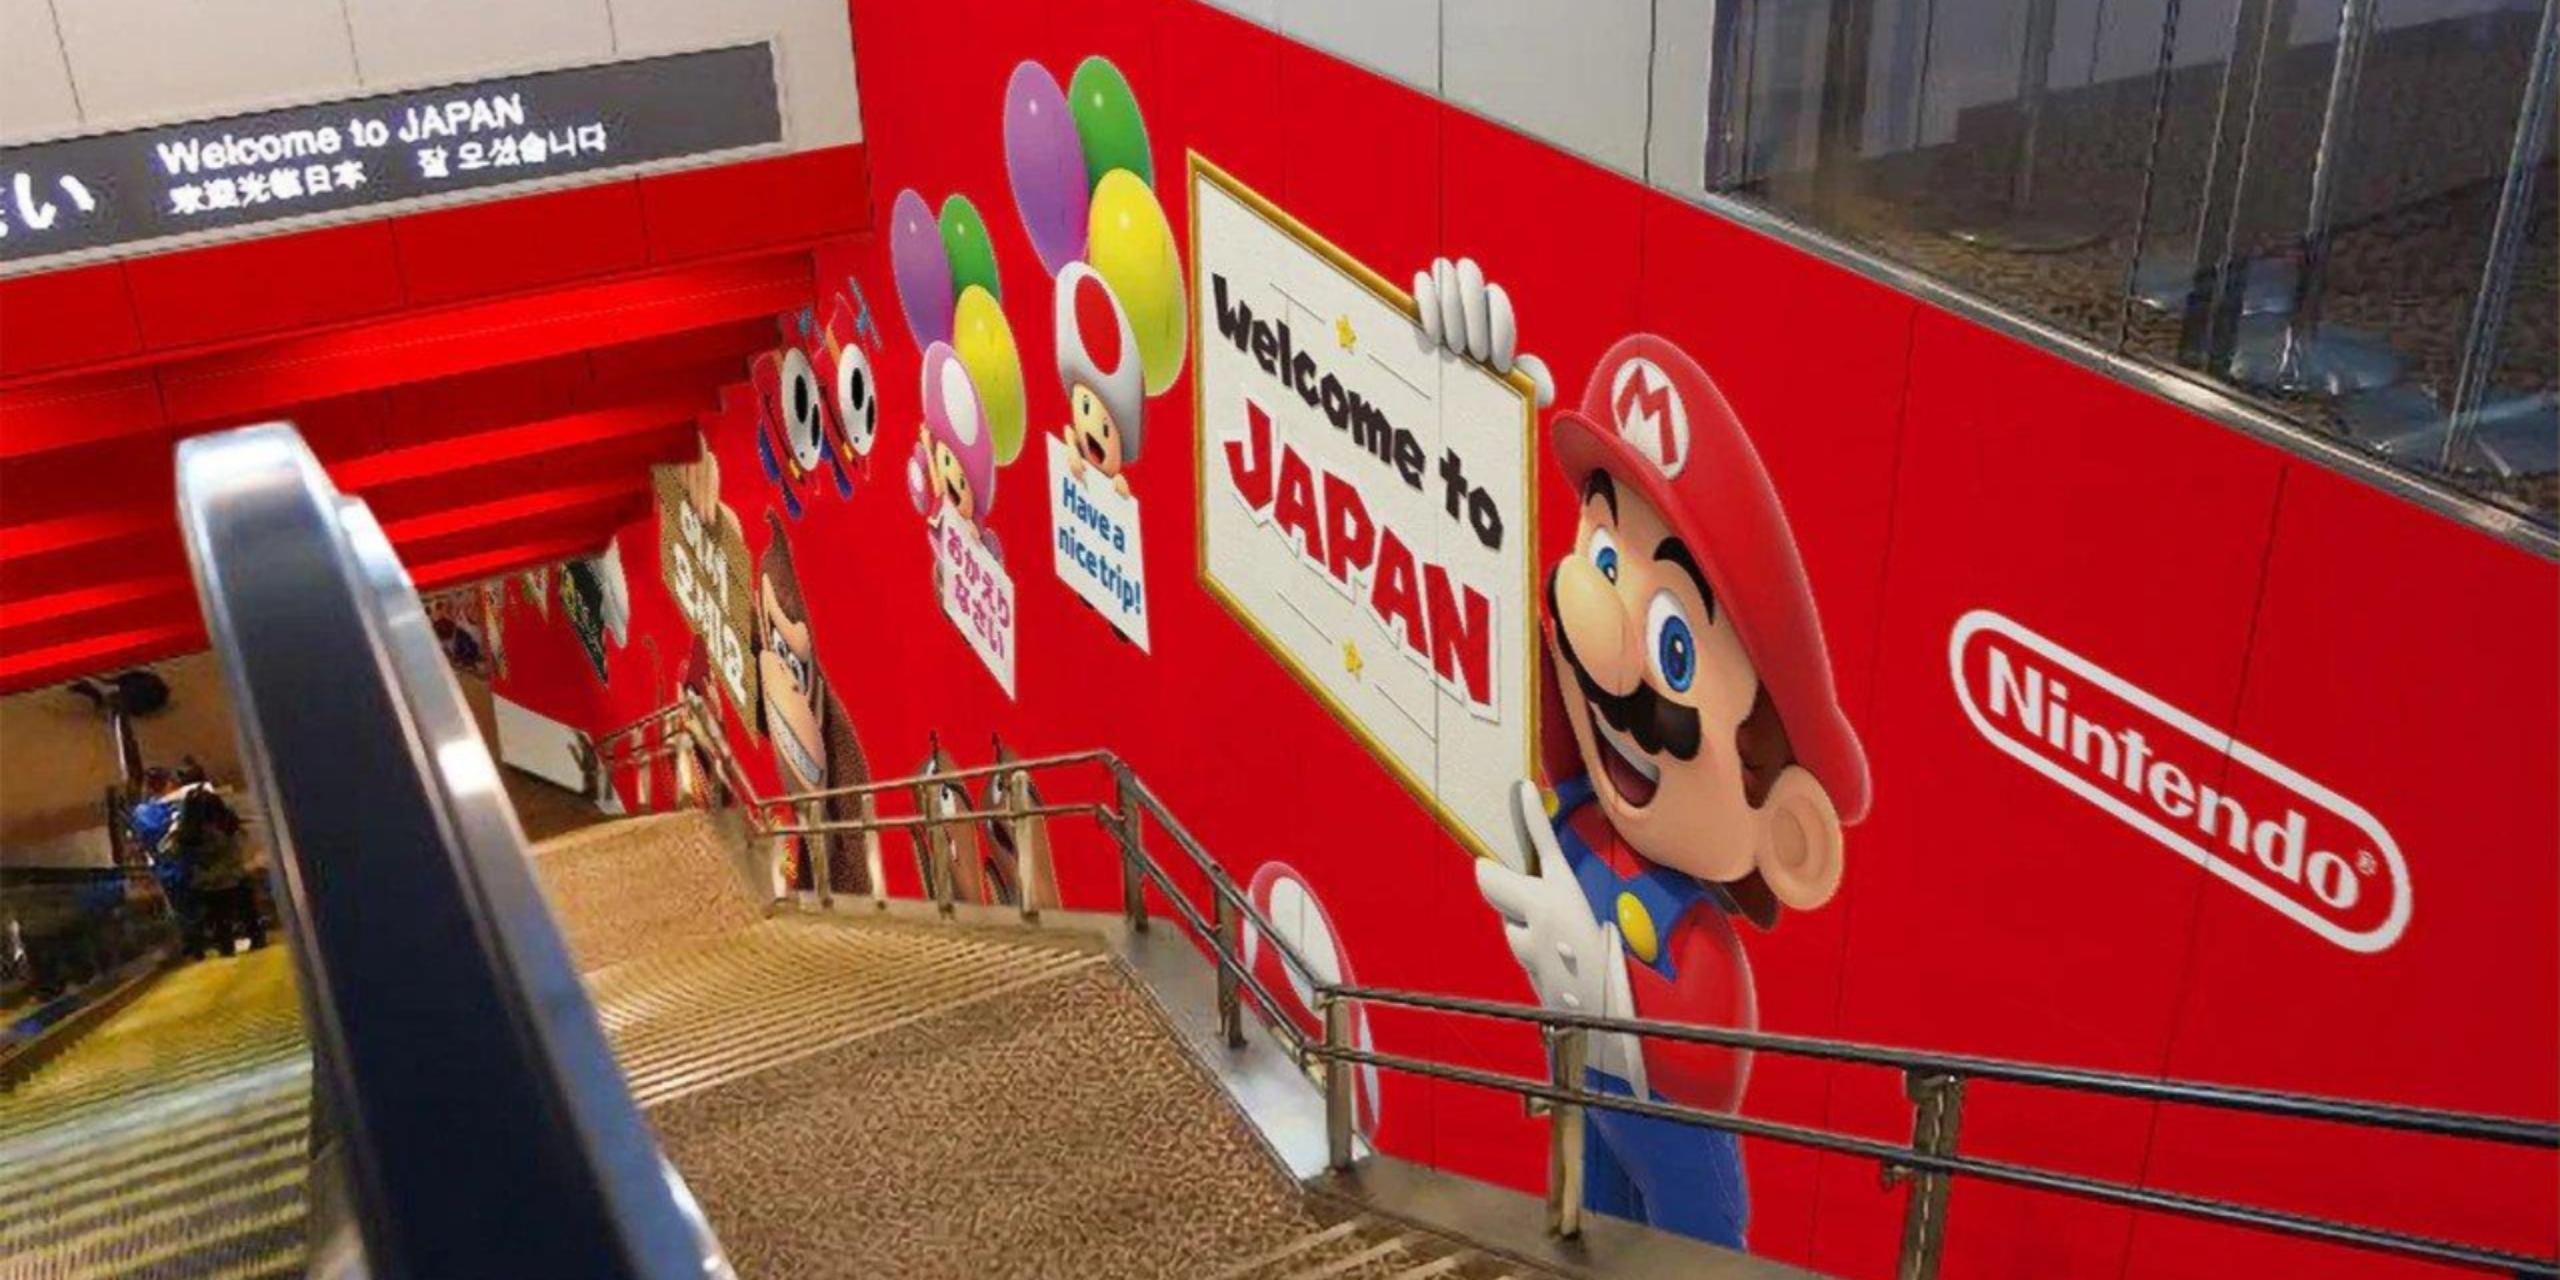 Países que no necesitan visa para viajar a Japón